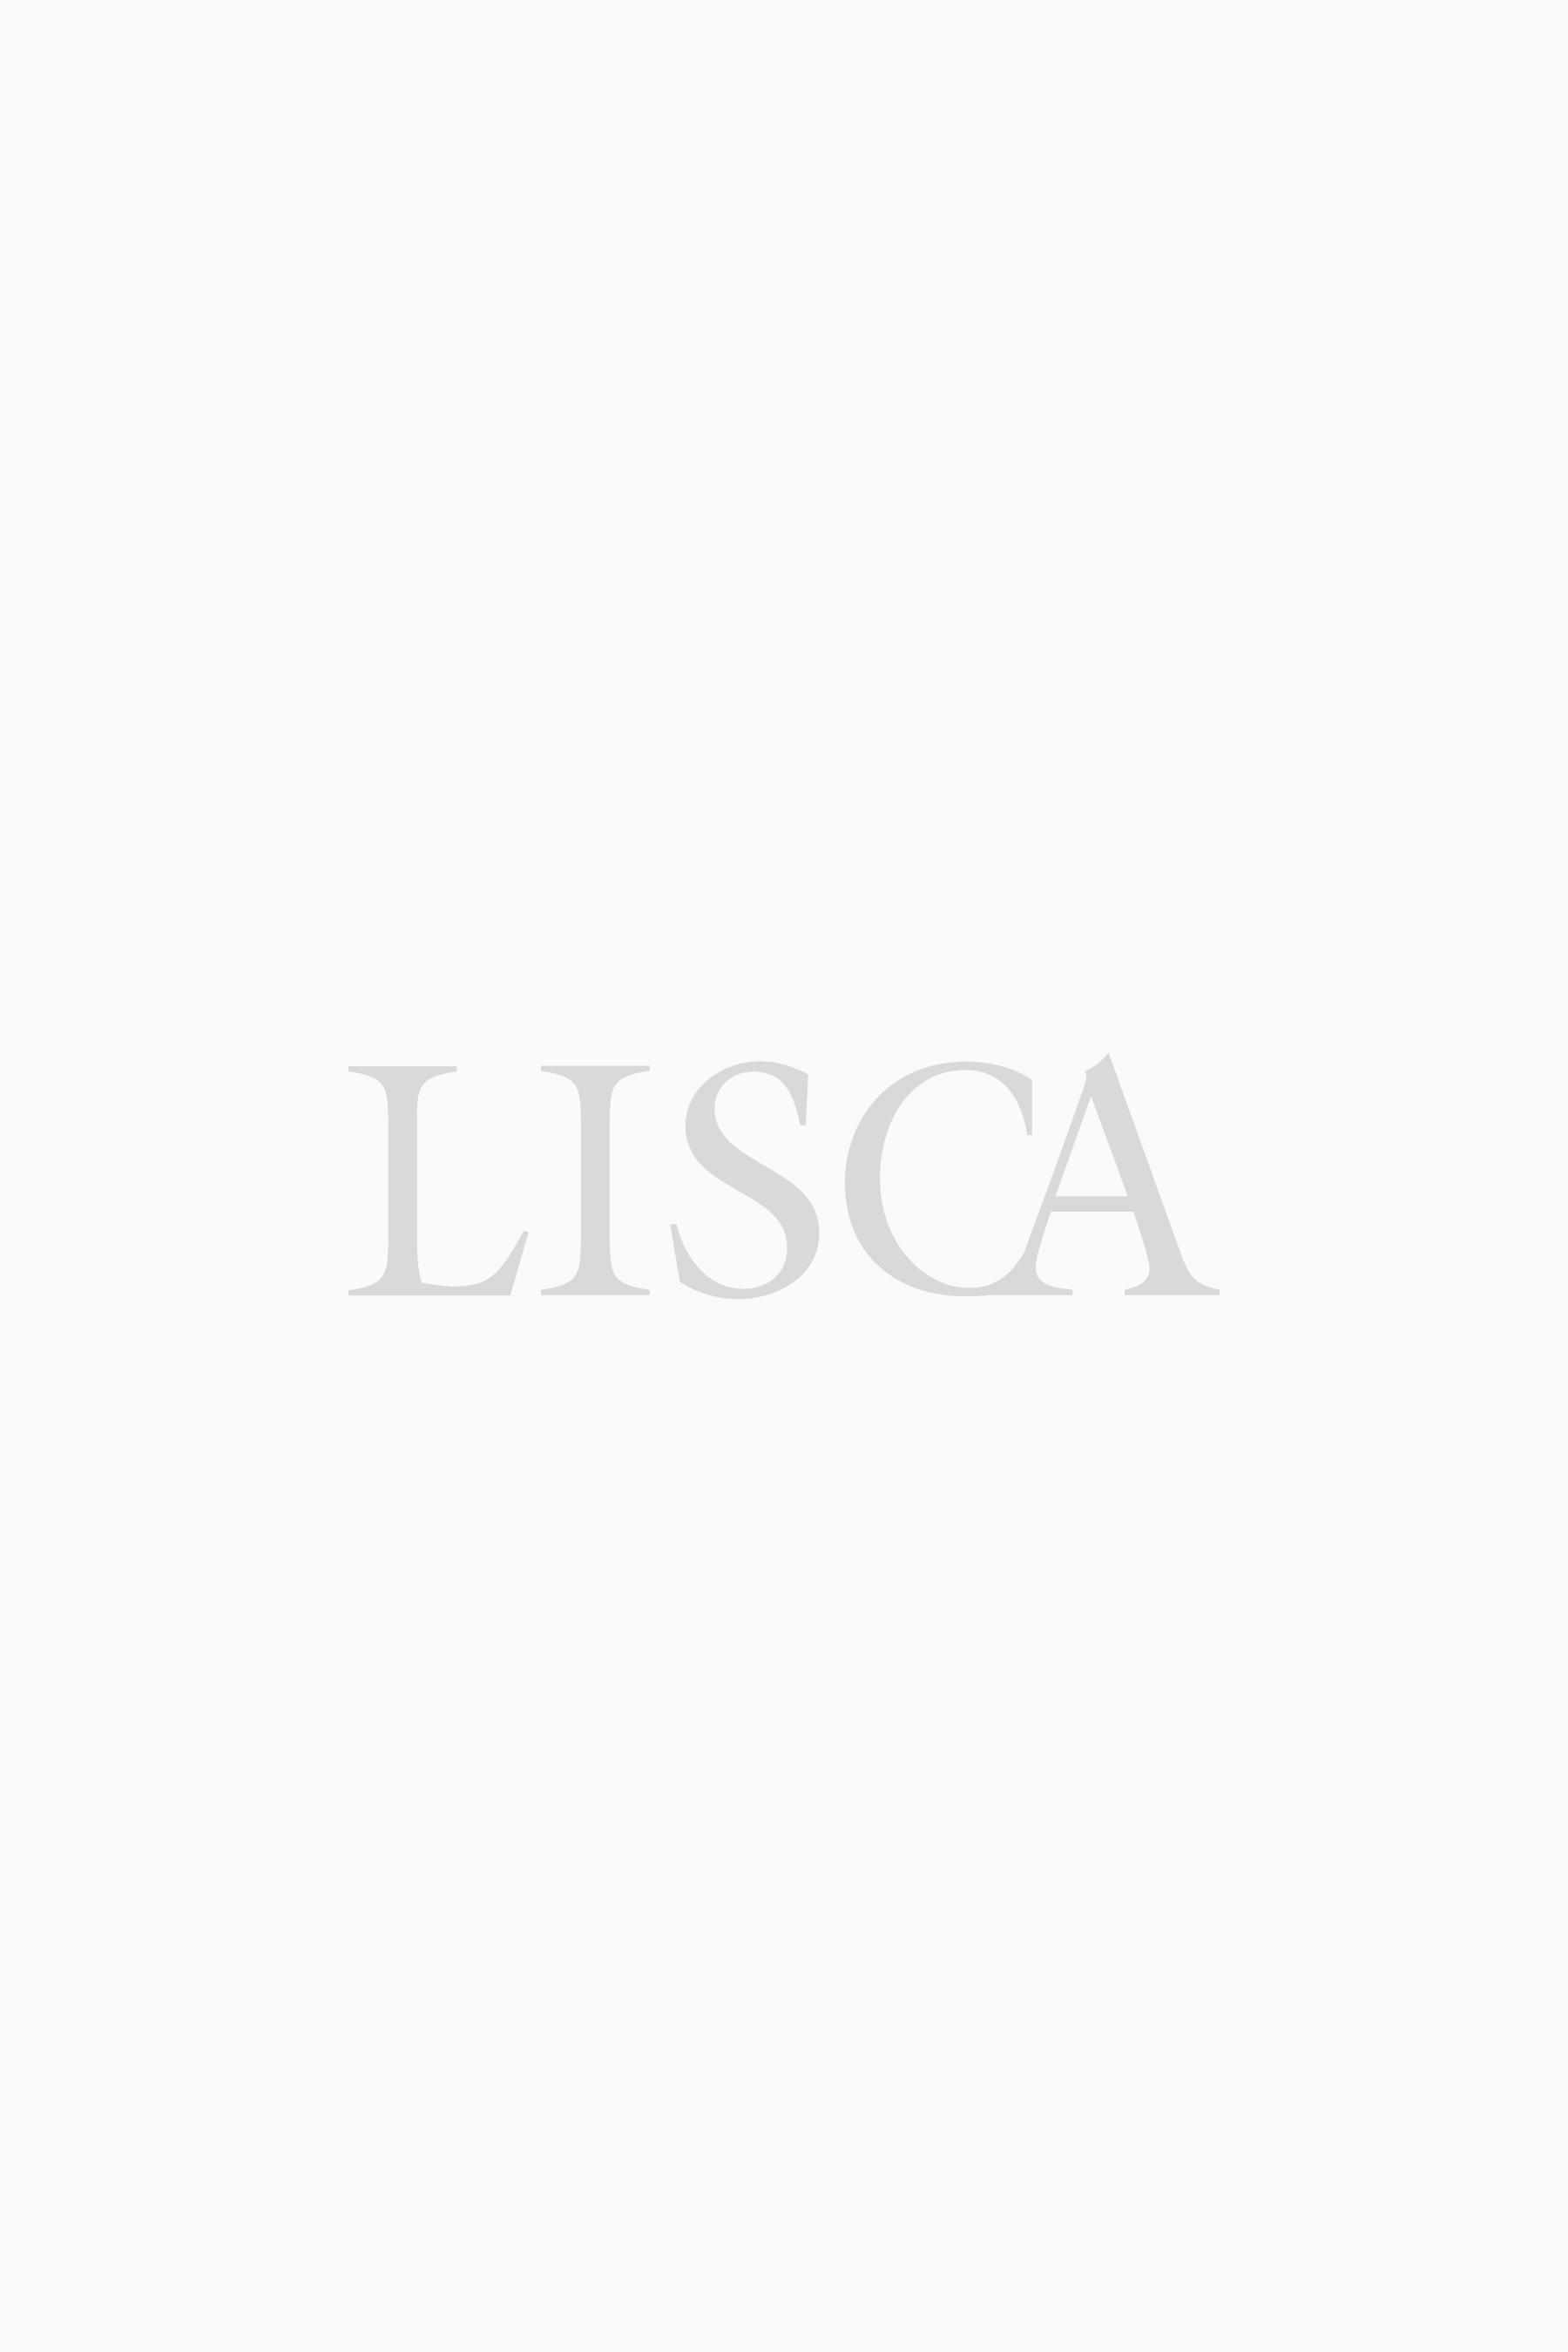 little girl age 6 hot girls wallpaper   naked college girls